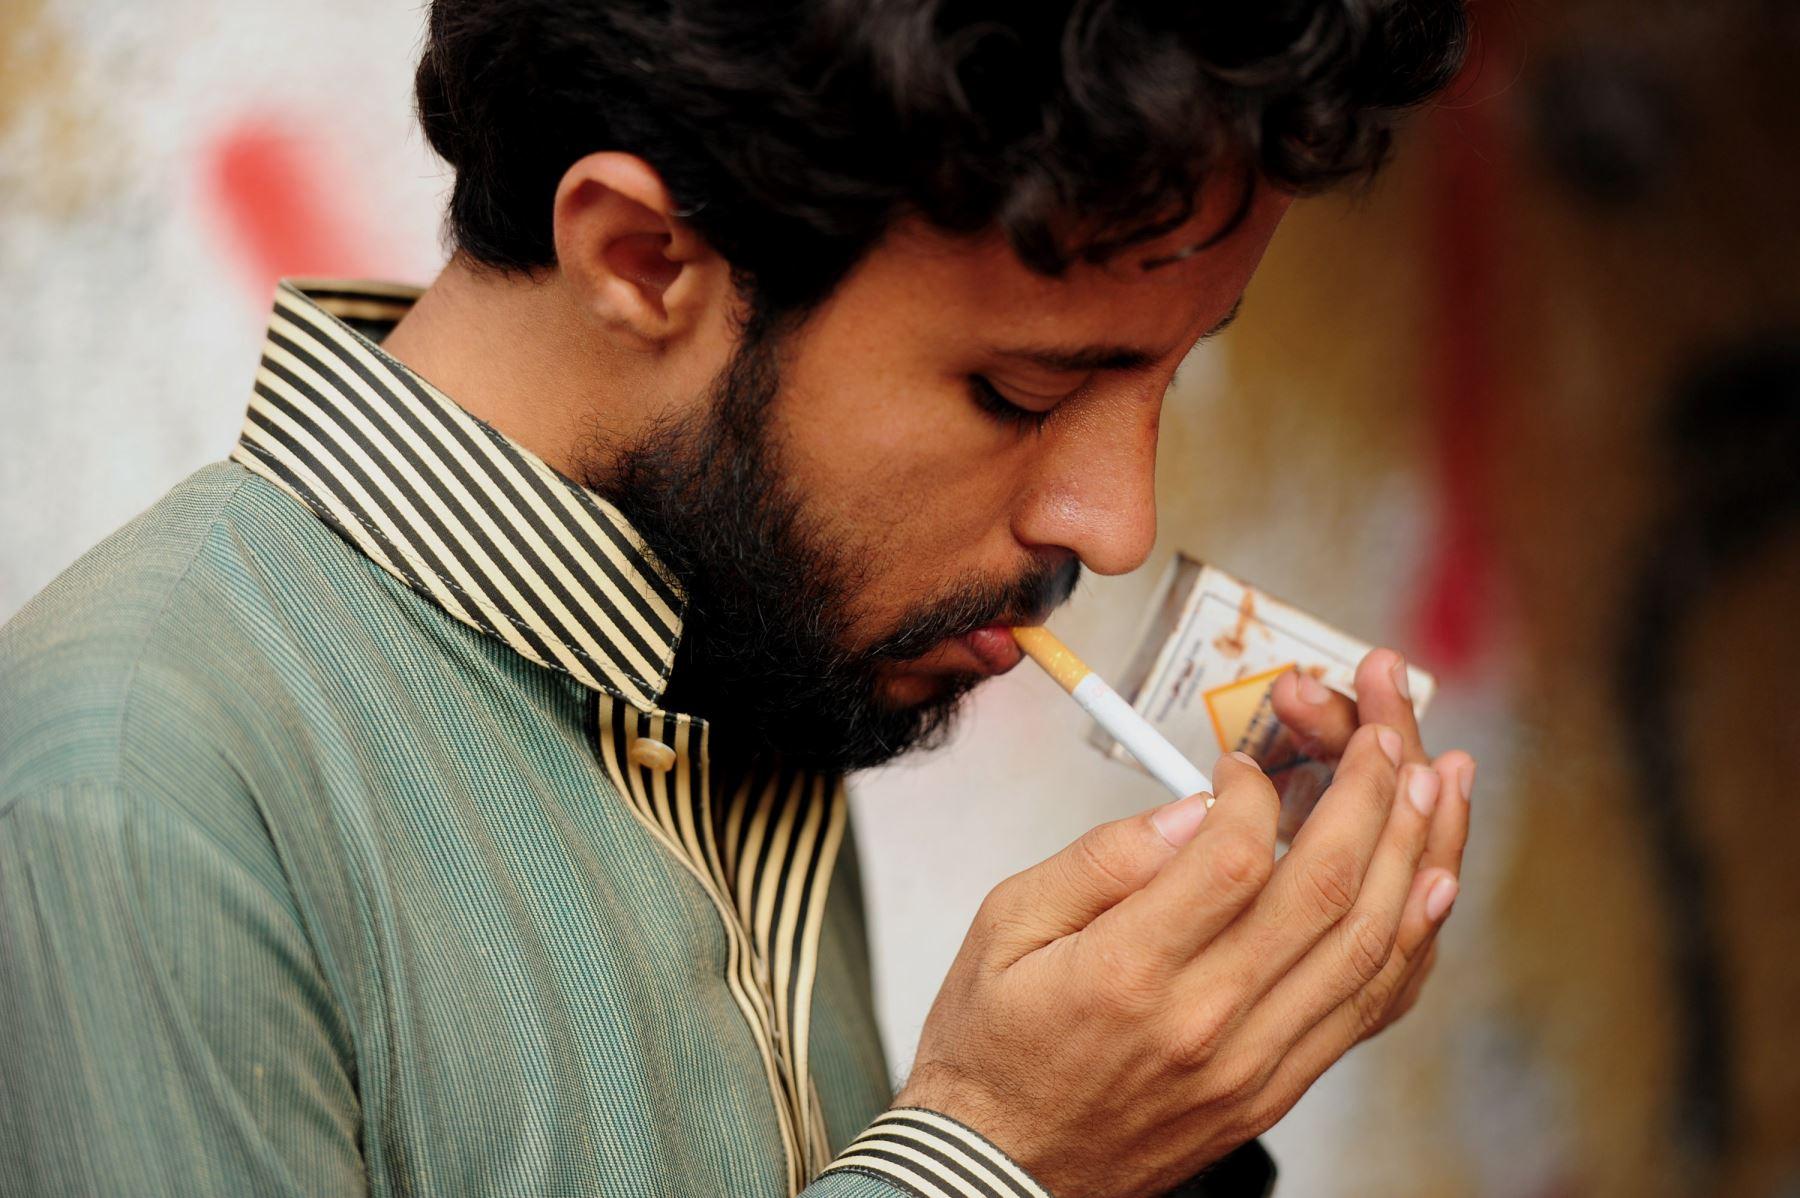 Cigarrillos. Foto: AFP